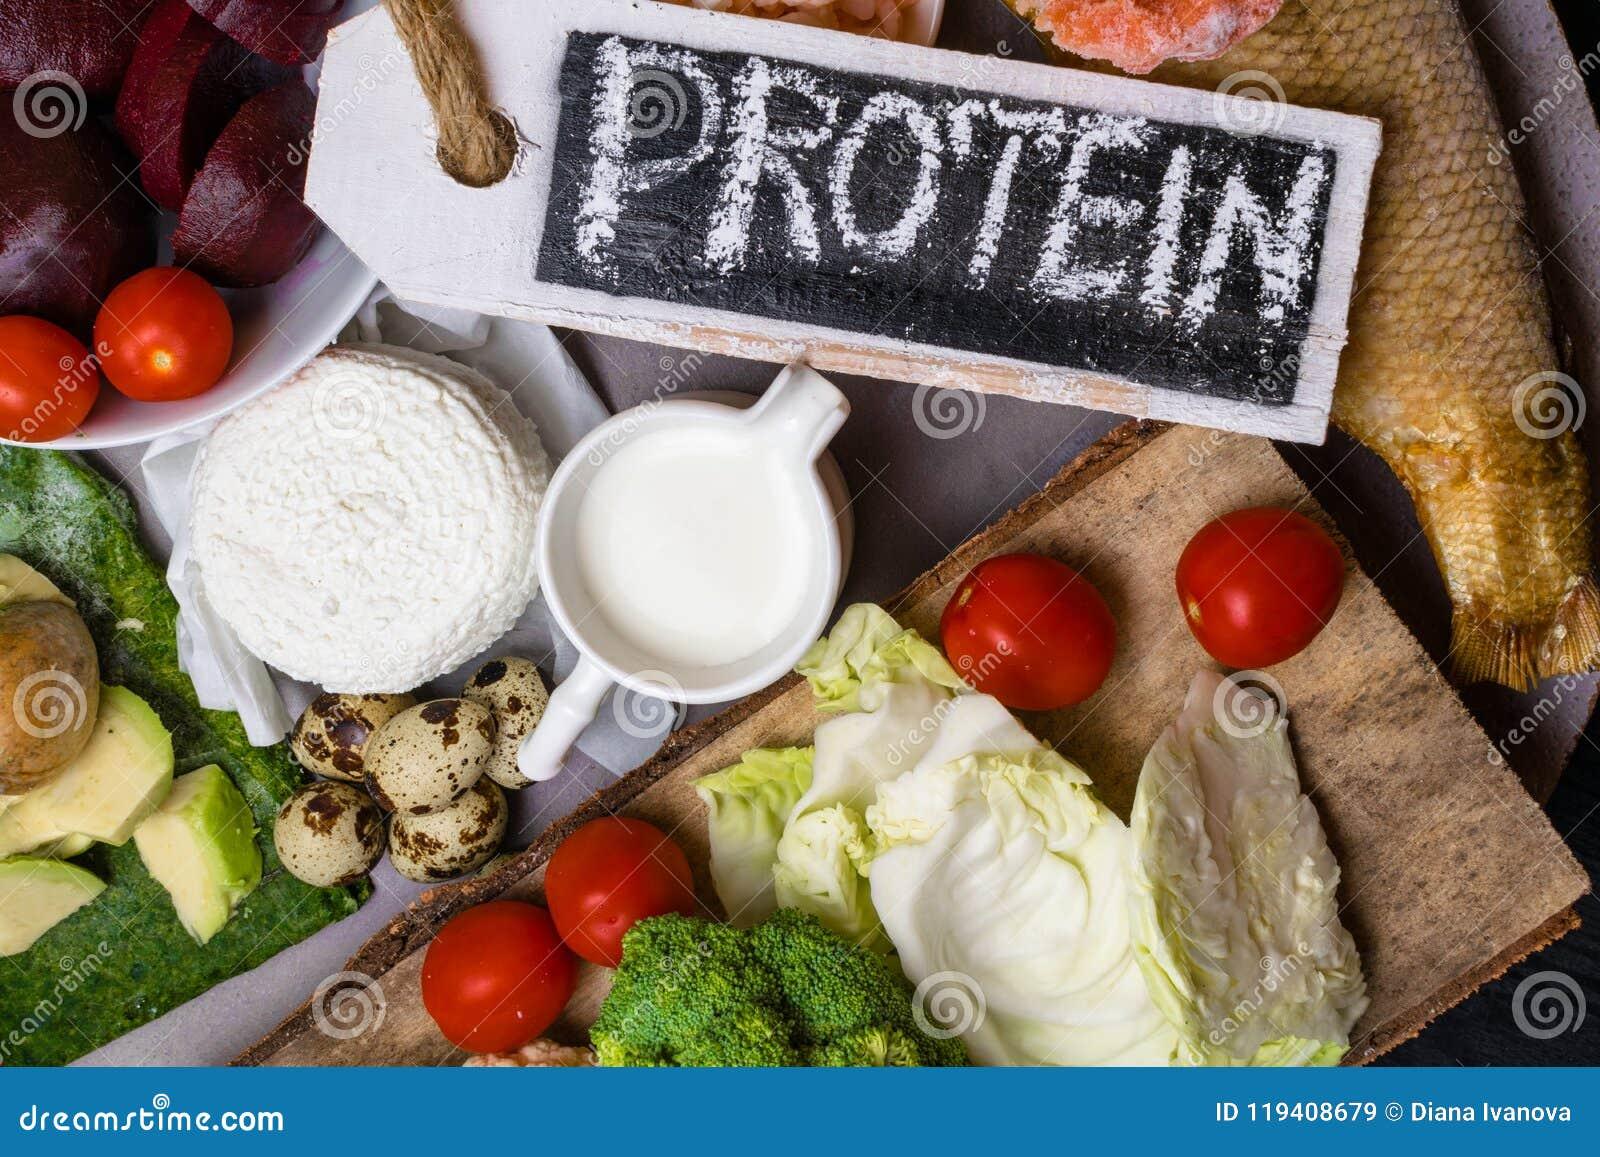 Wysoka - proteinowy jedzenie - ryba, mięso, denna podrożec, garnele, jajka, kapusta, burak, brokuły, szpinak, pomidory, avokado,